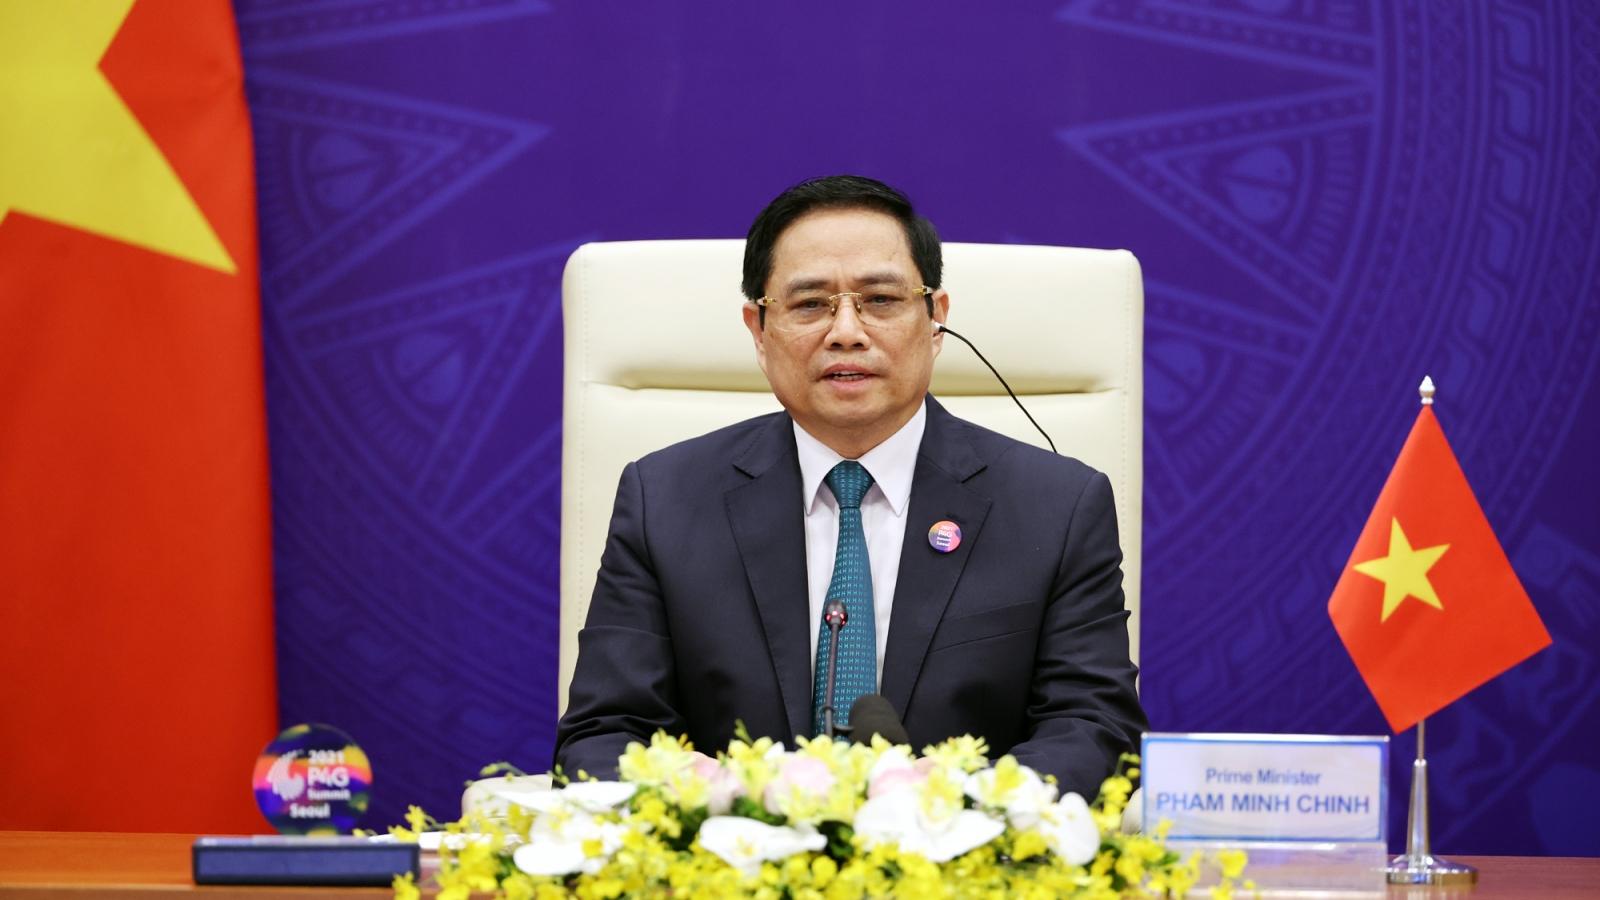 Thủ tướng Phạm Minh Chính kêu gọi quốc tế chung tay ngăn chặn và đẩy lùi đại dịch Covid-19